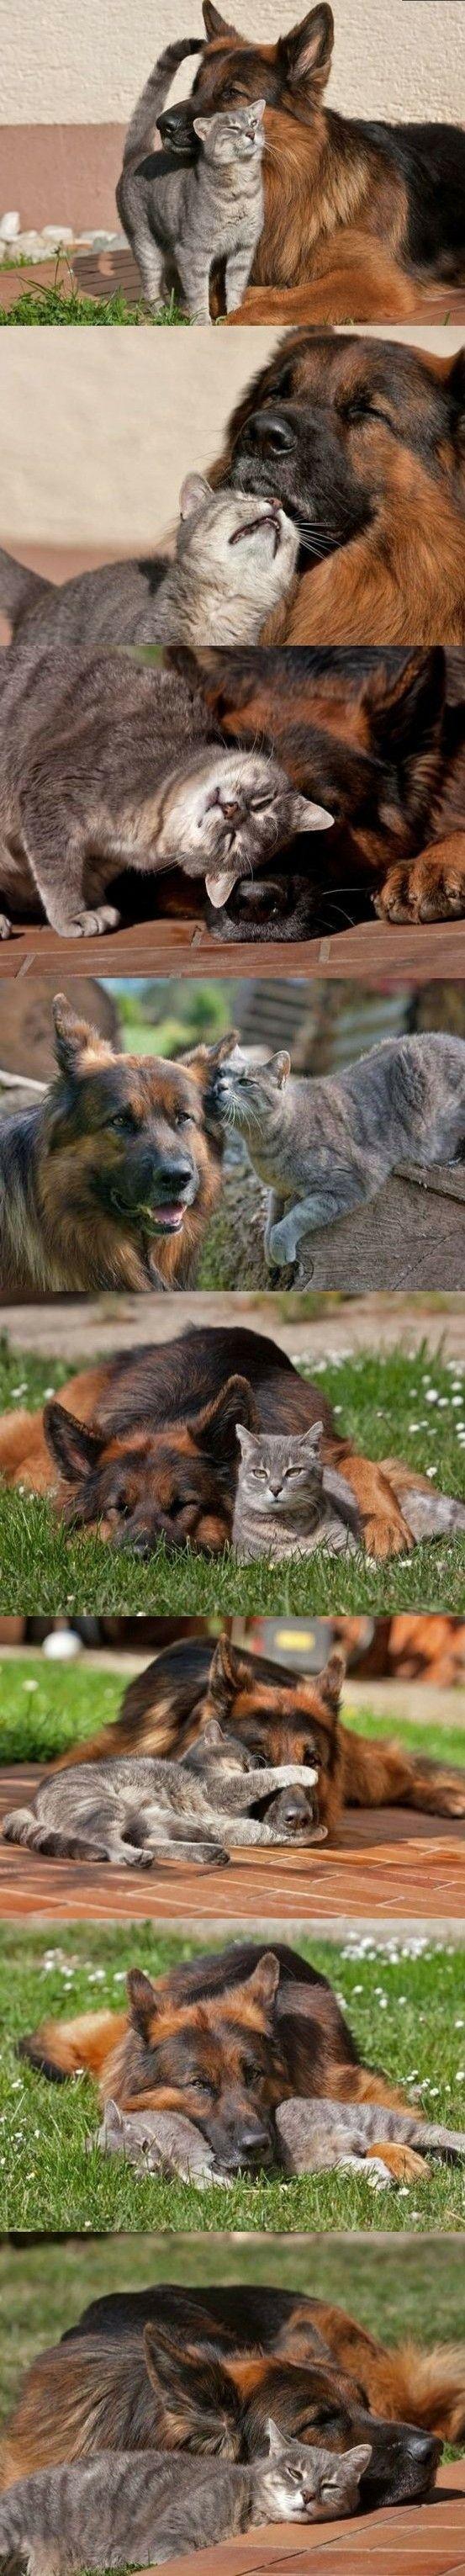 Good friends.. - Imgur